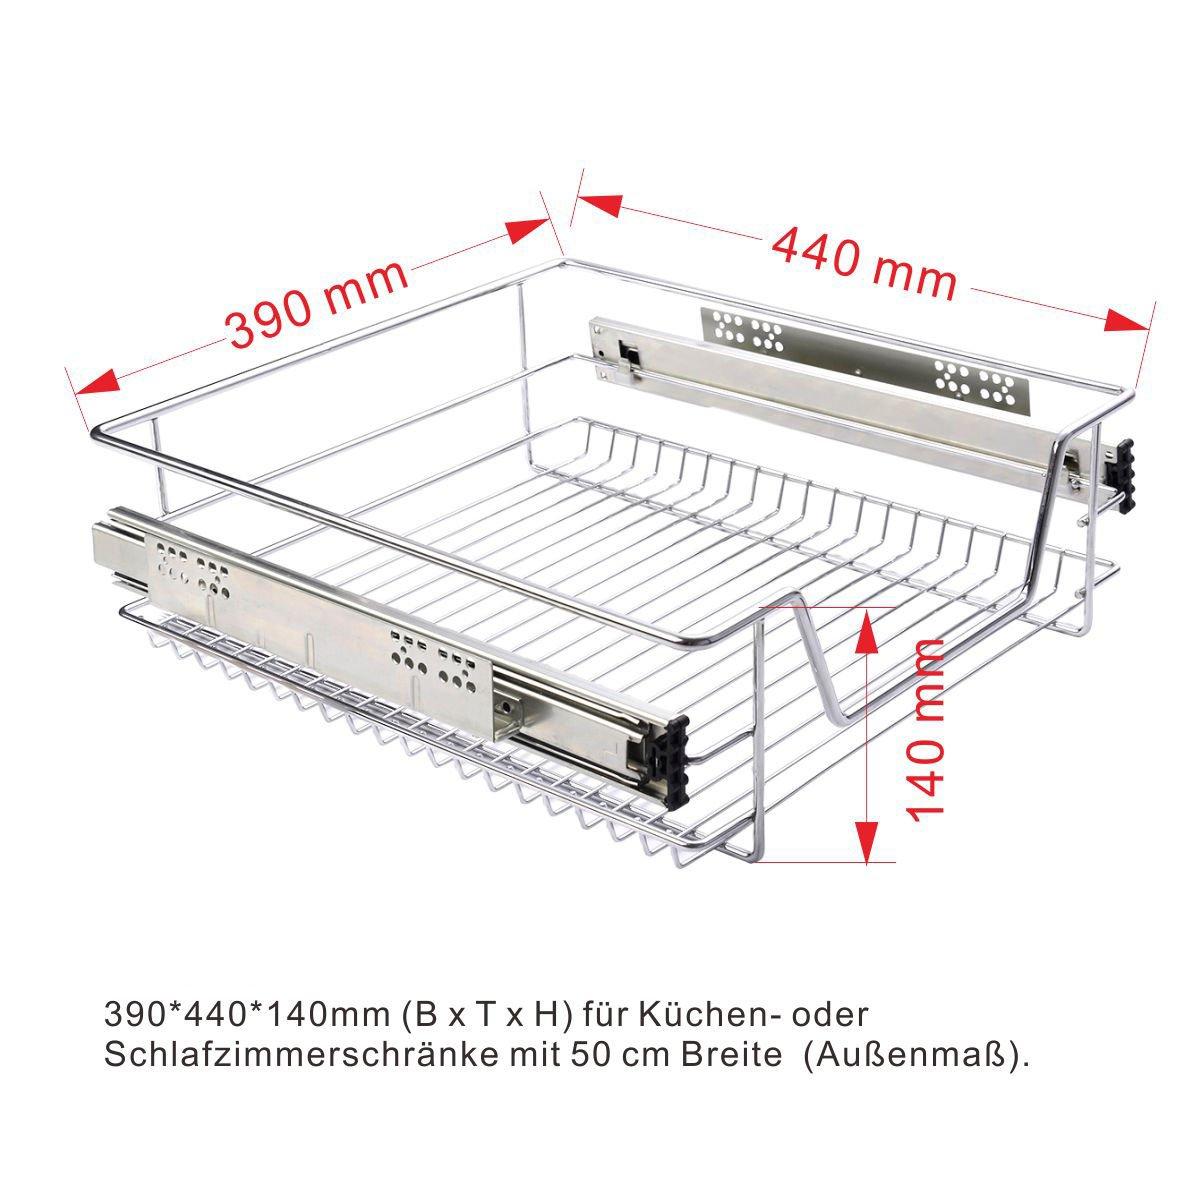 FDS COSTWAY Küchenschublade Teleskopschublade Korbauszug Schrankauszug Schublade Schlafzimmerschublade Küchenregal Silber Größenwahl (40cm)